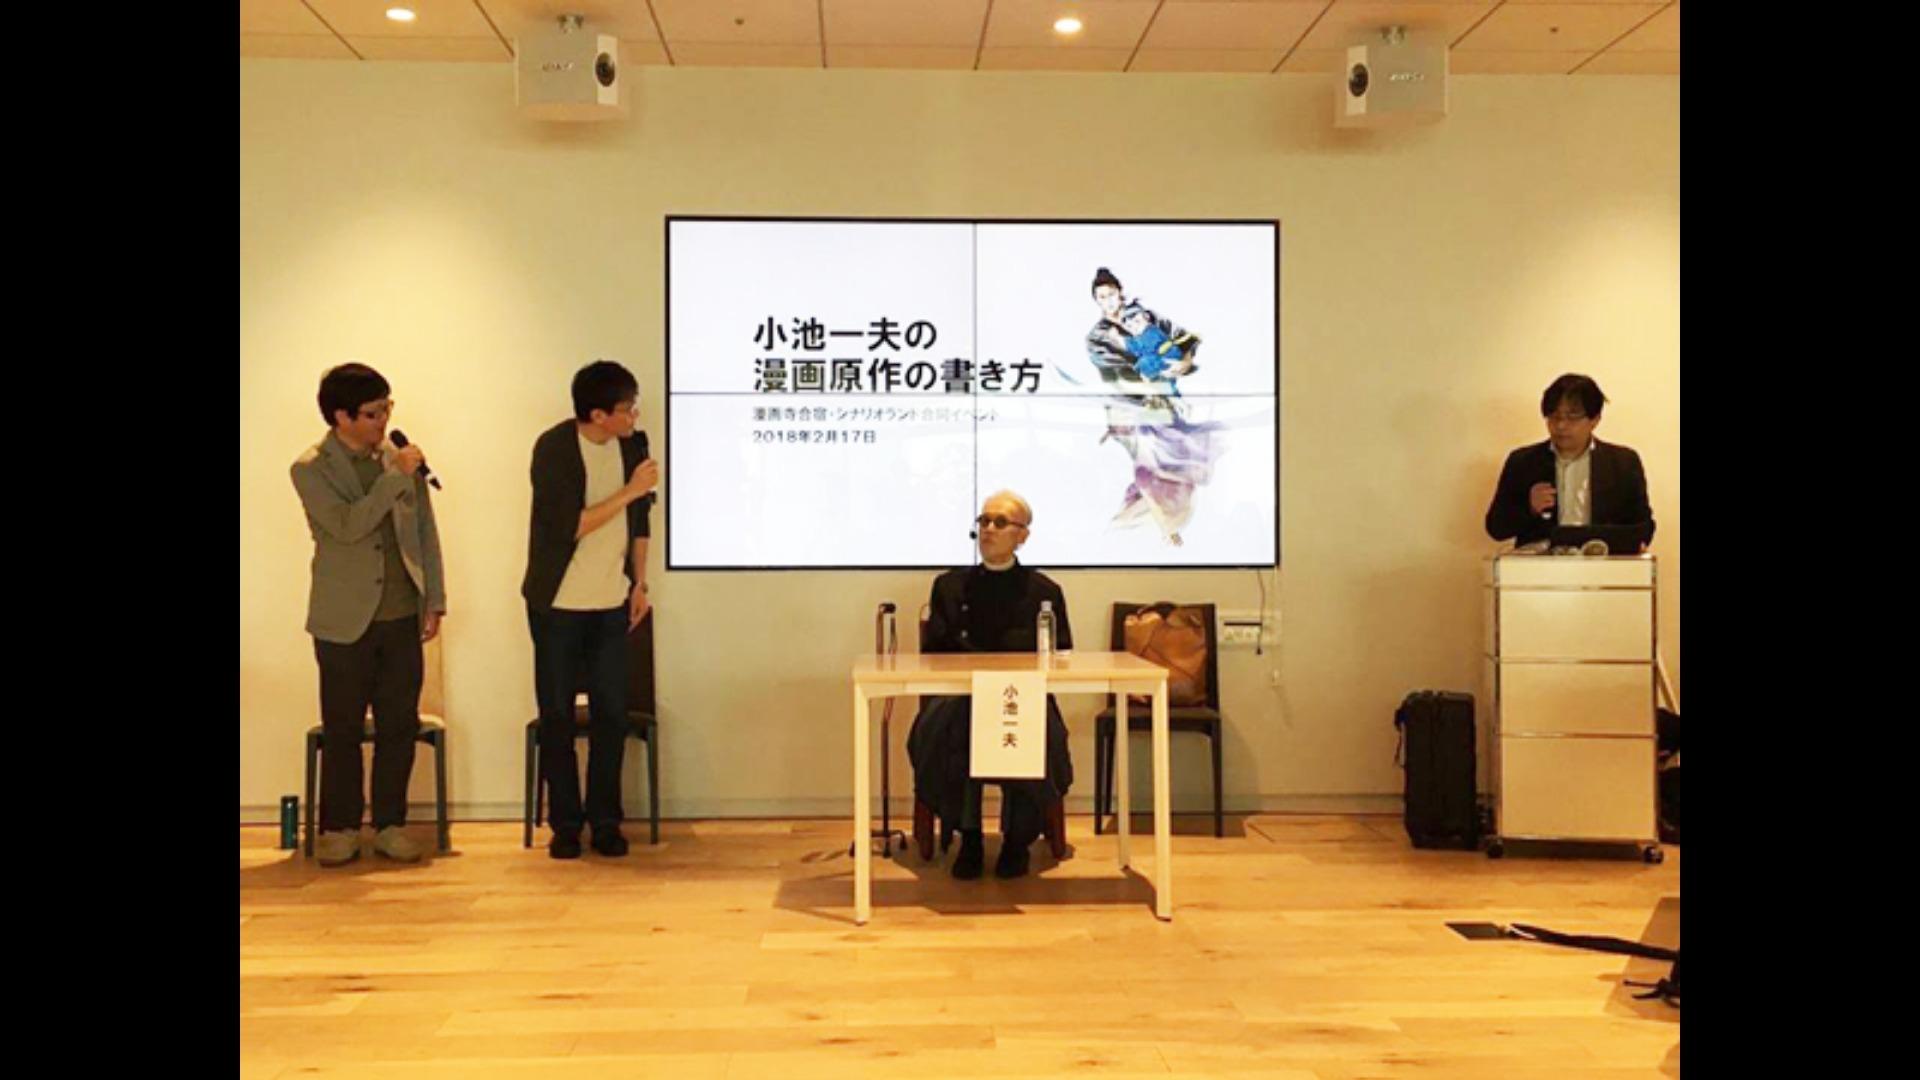 【イベント模様】小池一夫の漫画寺合宿×シナリオランド